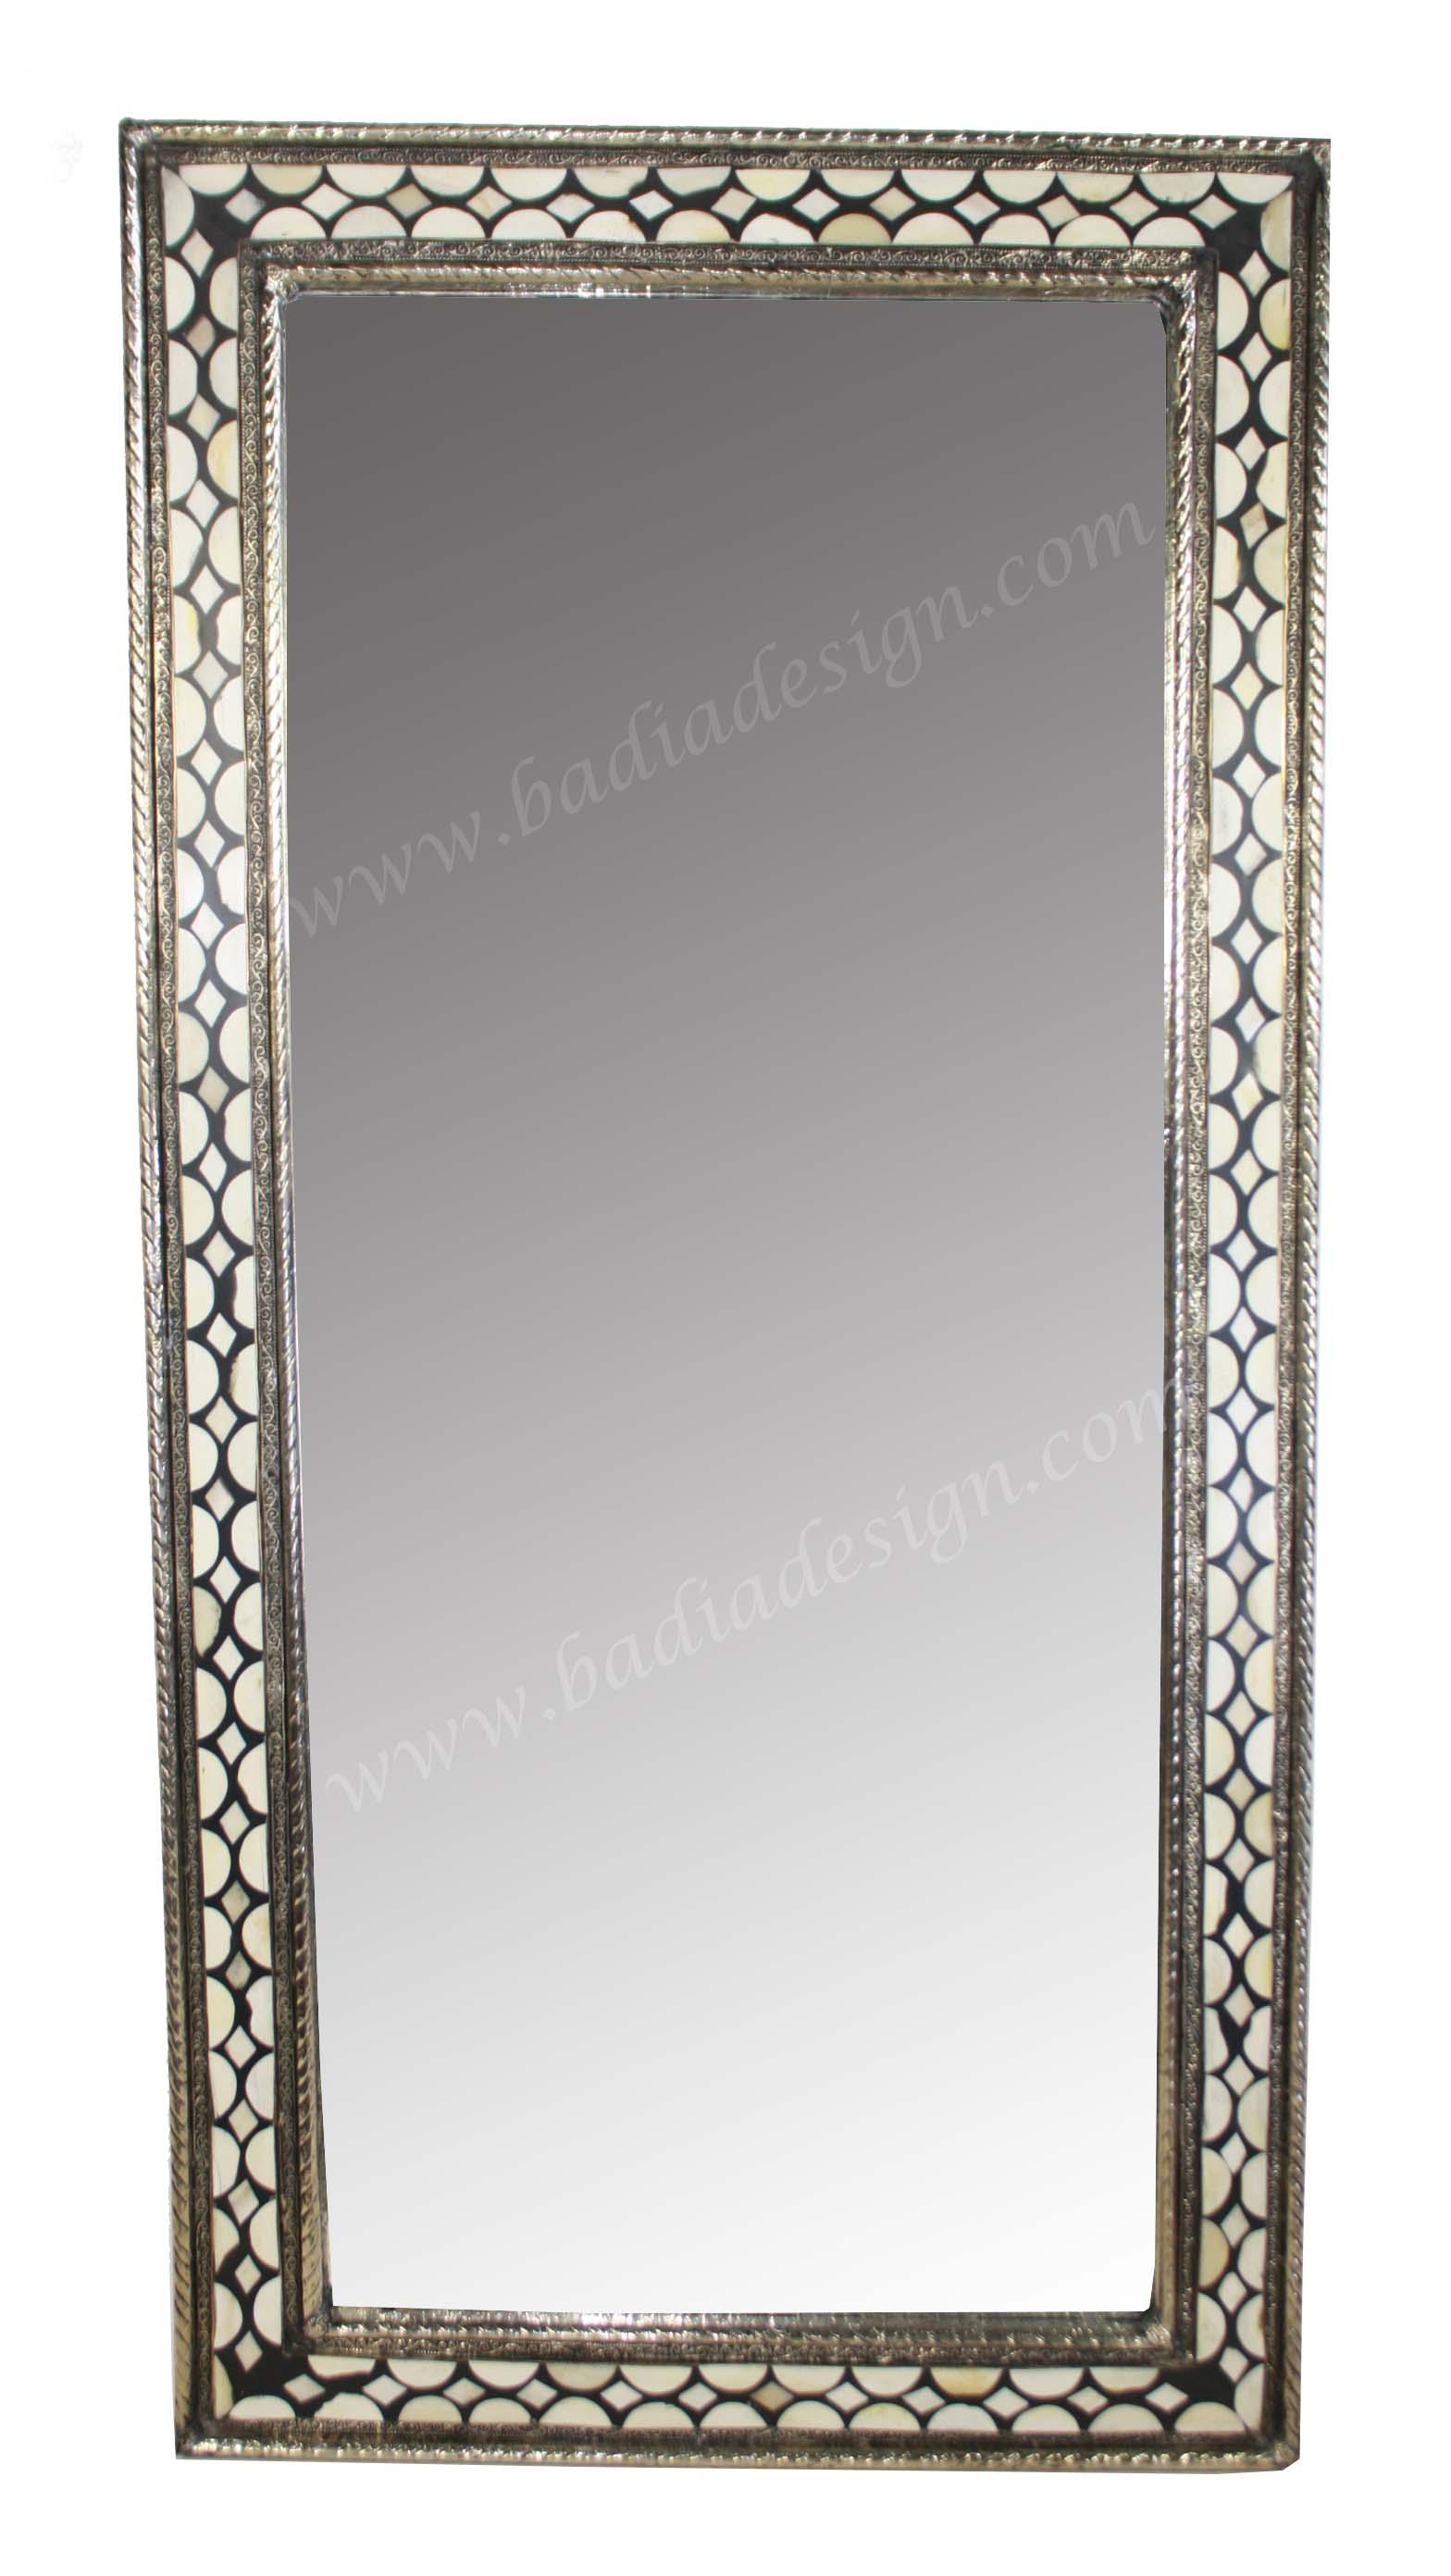 moroccan-camel-bone-mirror-los-angeles-m-mb067.jpg